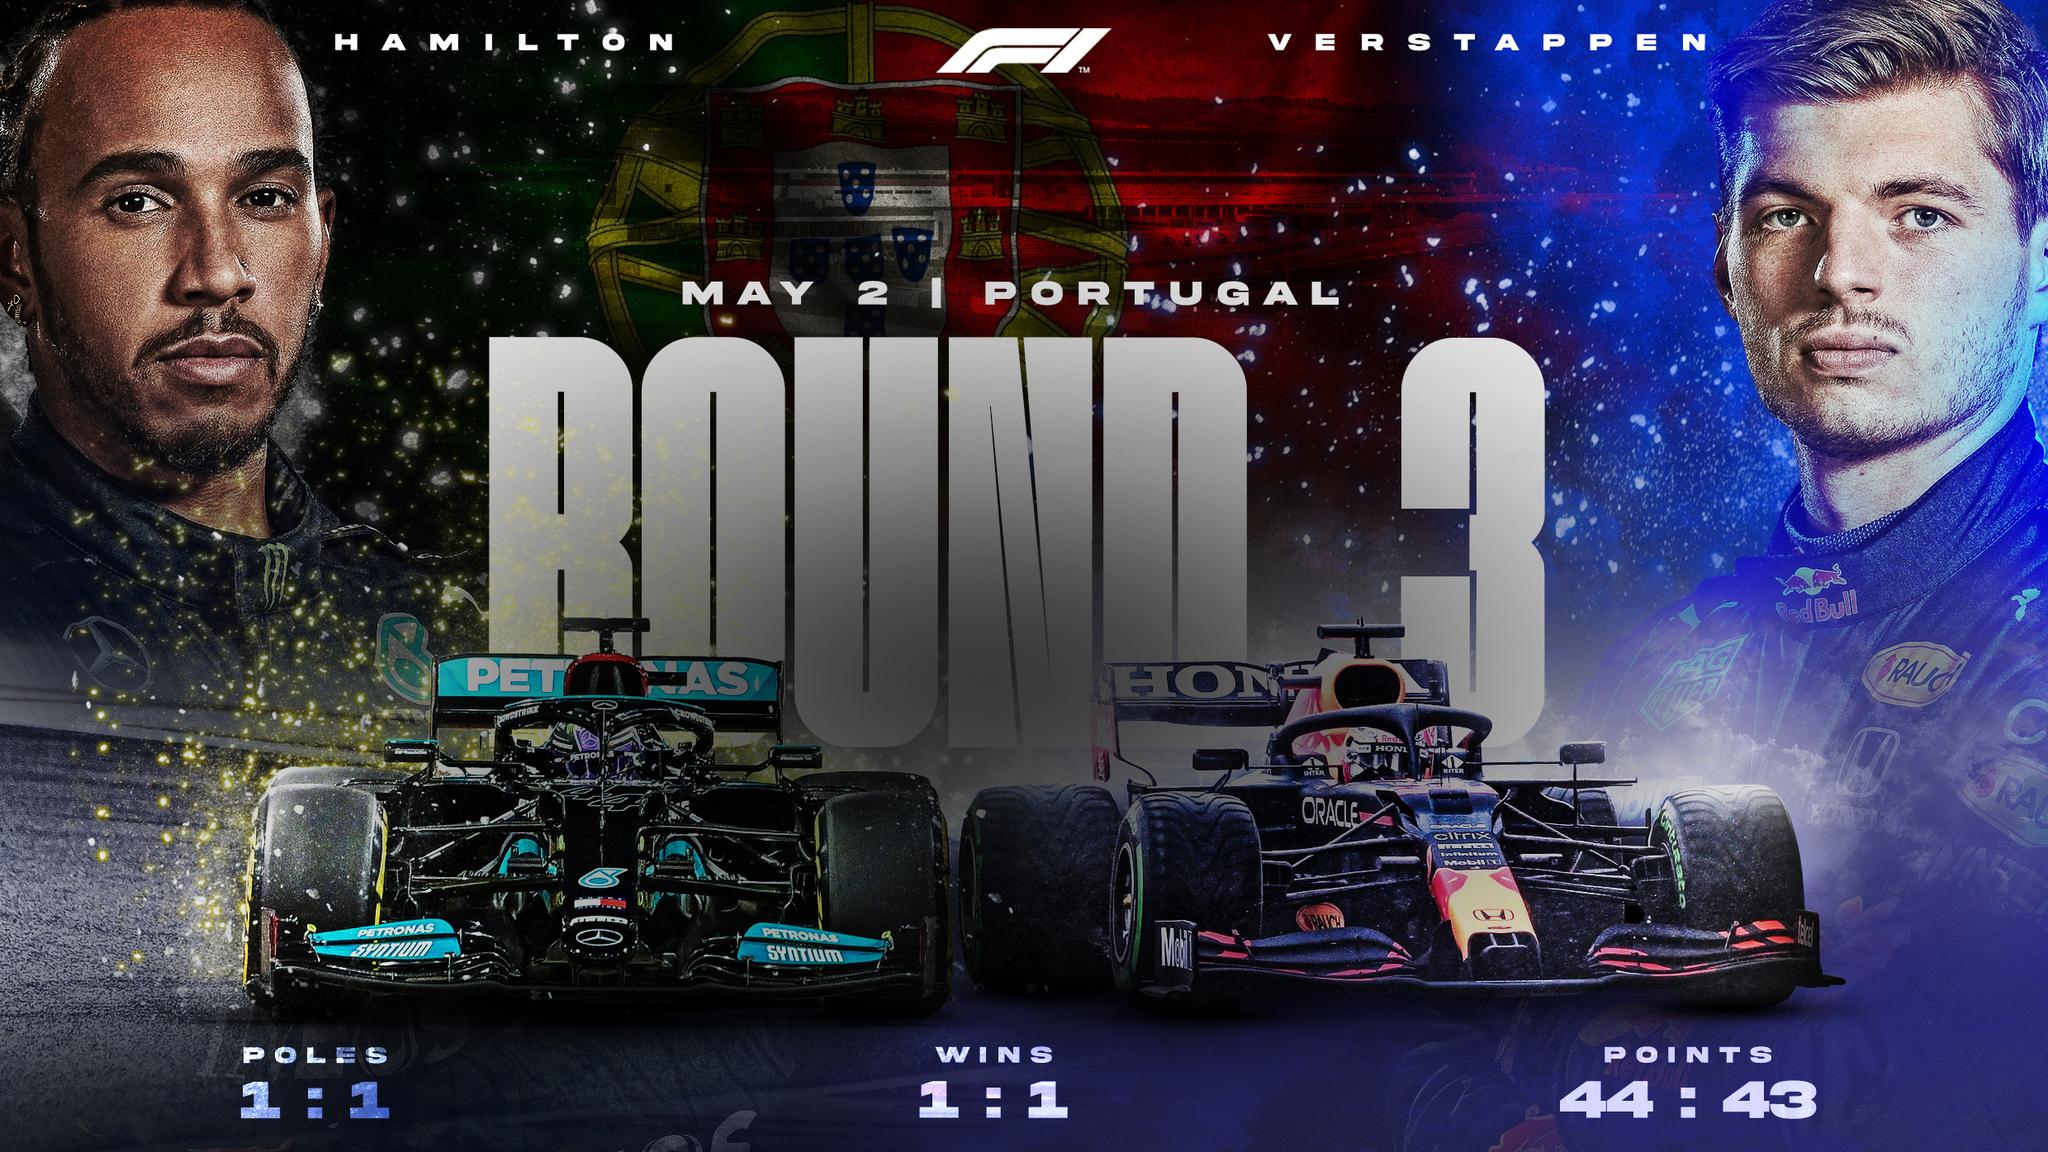 Horario y dónde ver en TV hoy la carrera del Gran Premio de Portugal 2021 de Fórmula 1